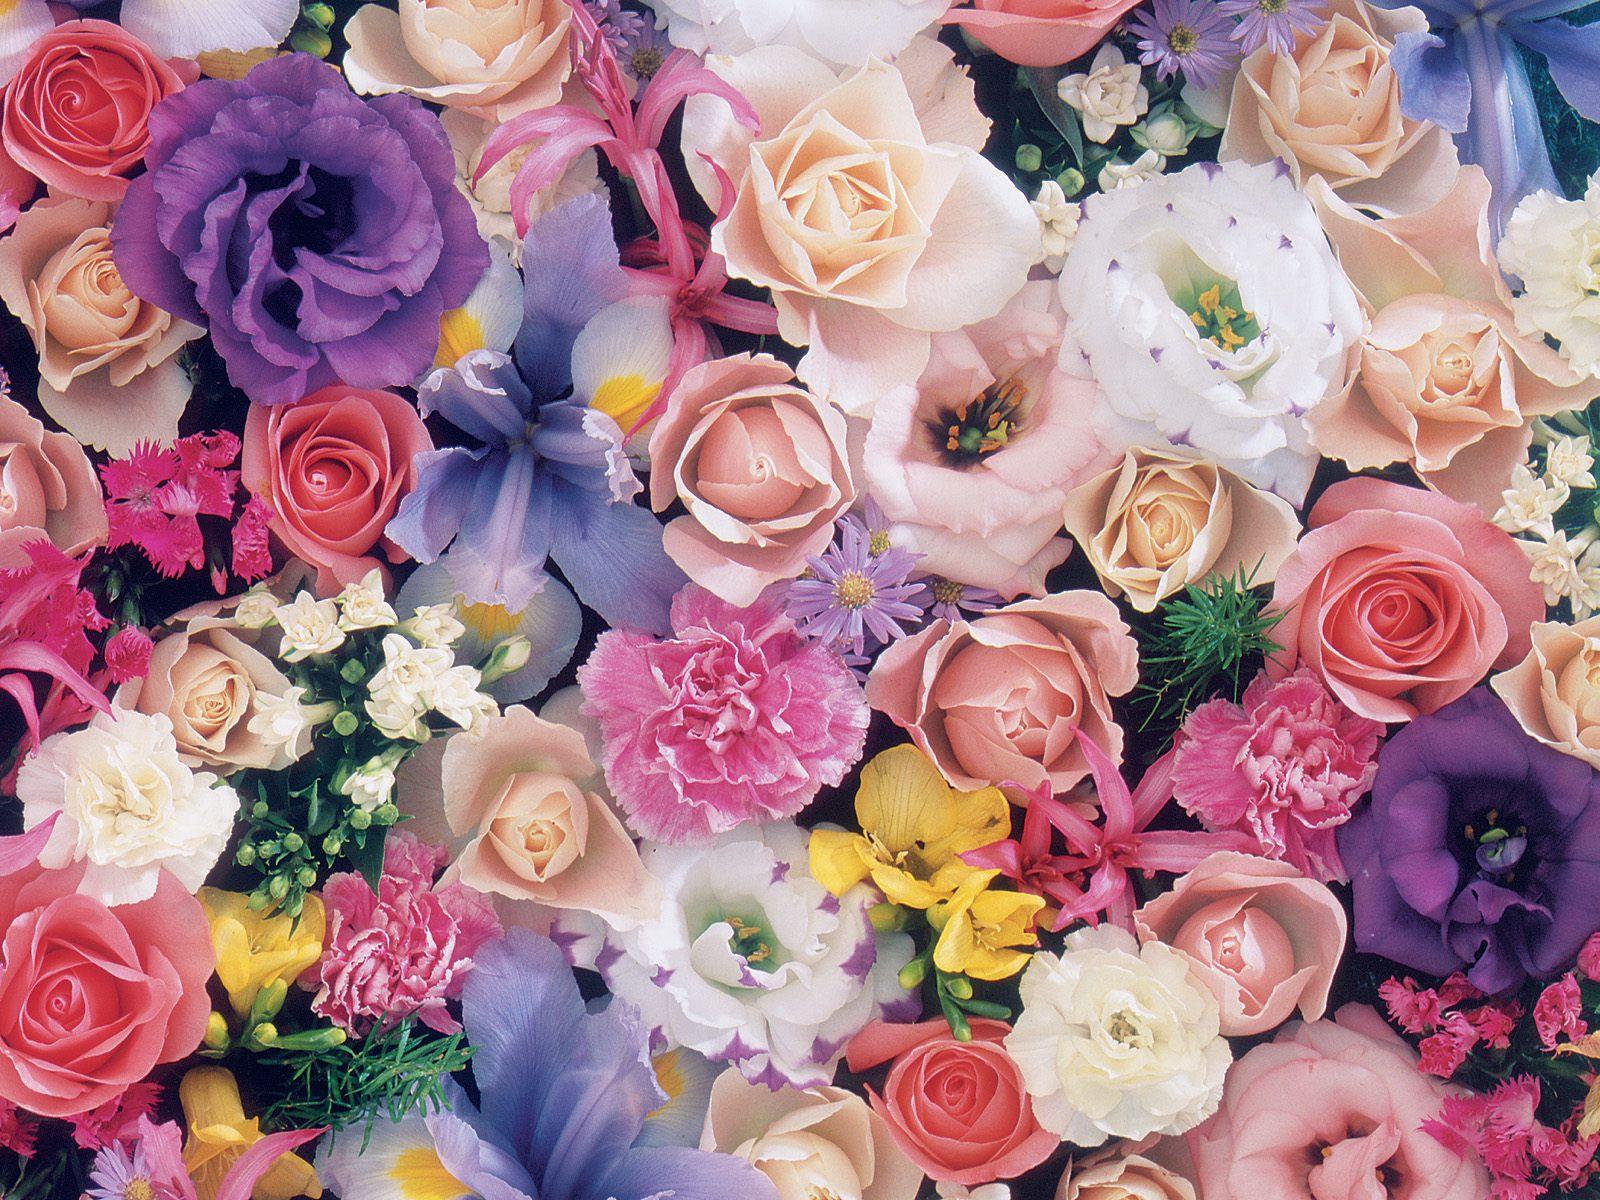 صور ورود جميلة اجمل صور الورد والازهار بجودة HD (42)